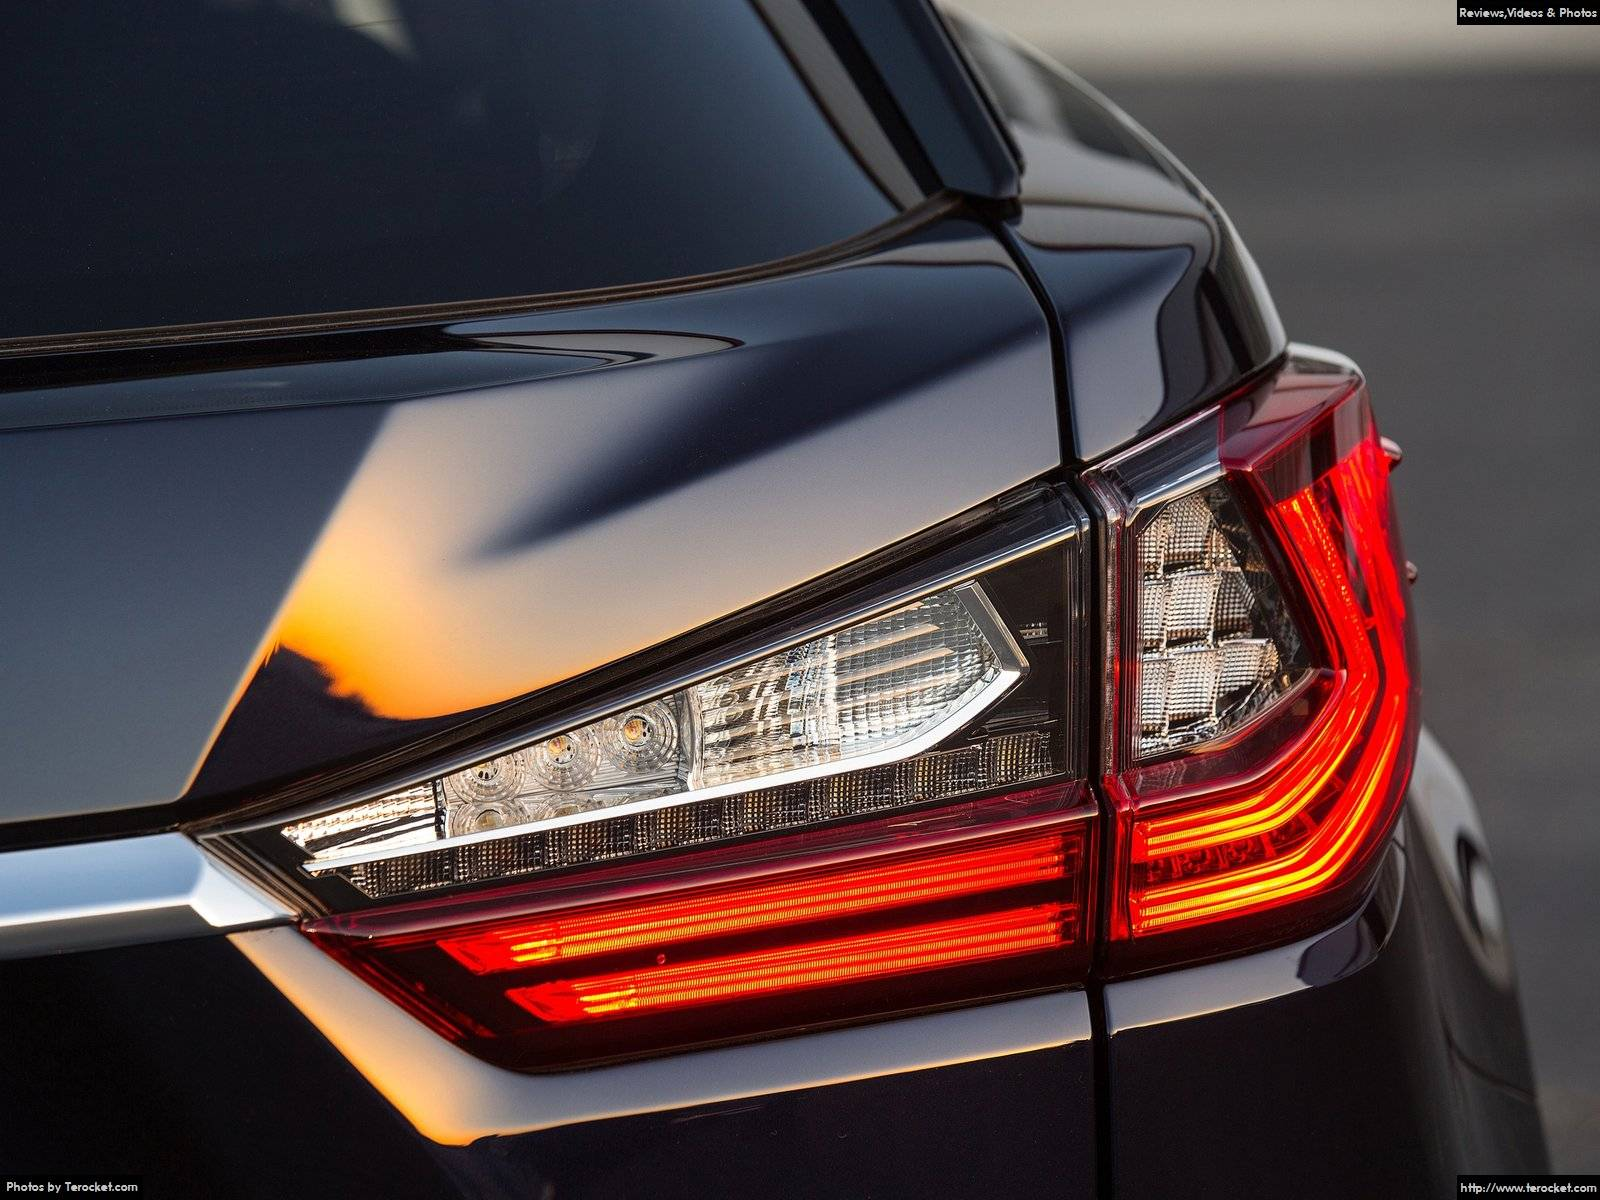 Hình ảnh xe ô tô Lexus RX 450h 2016 & nội ngoại thất